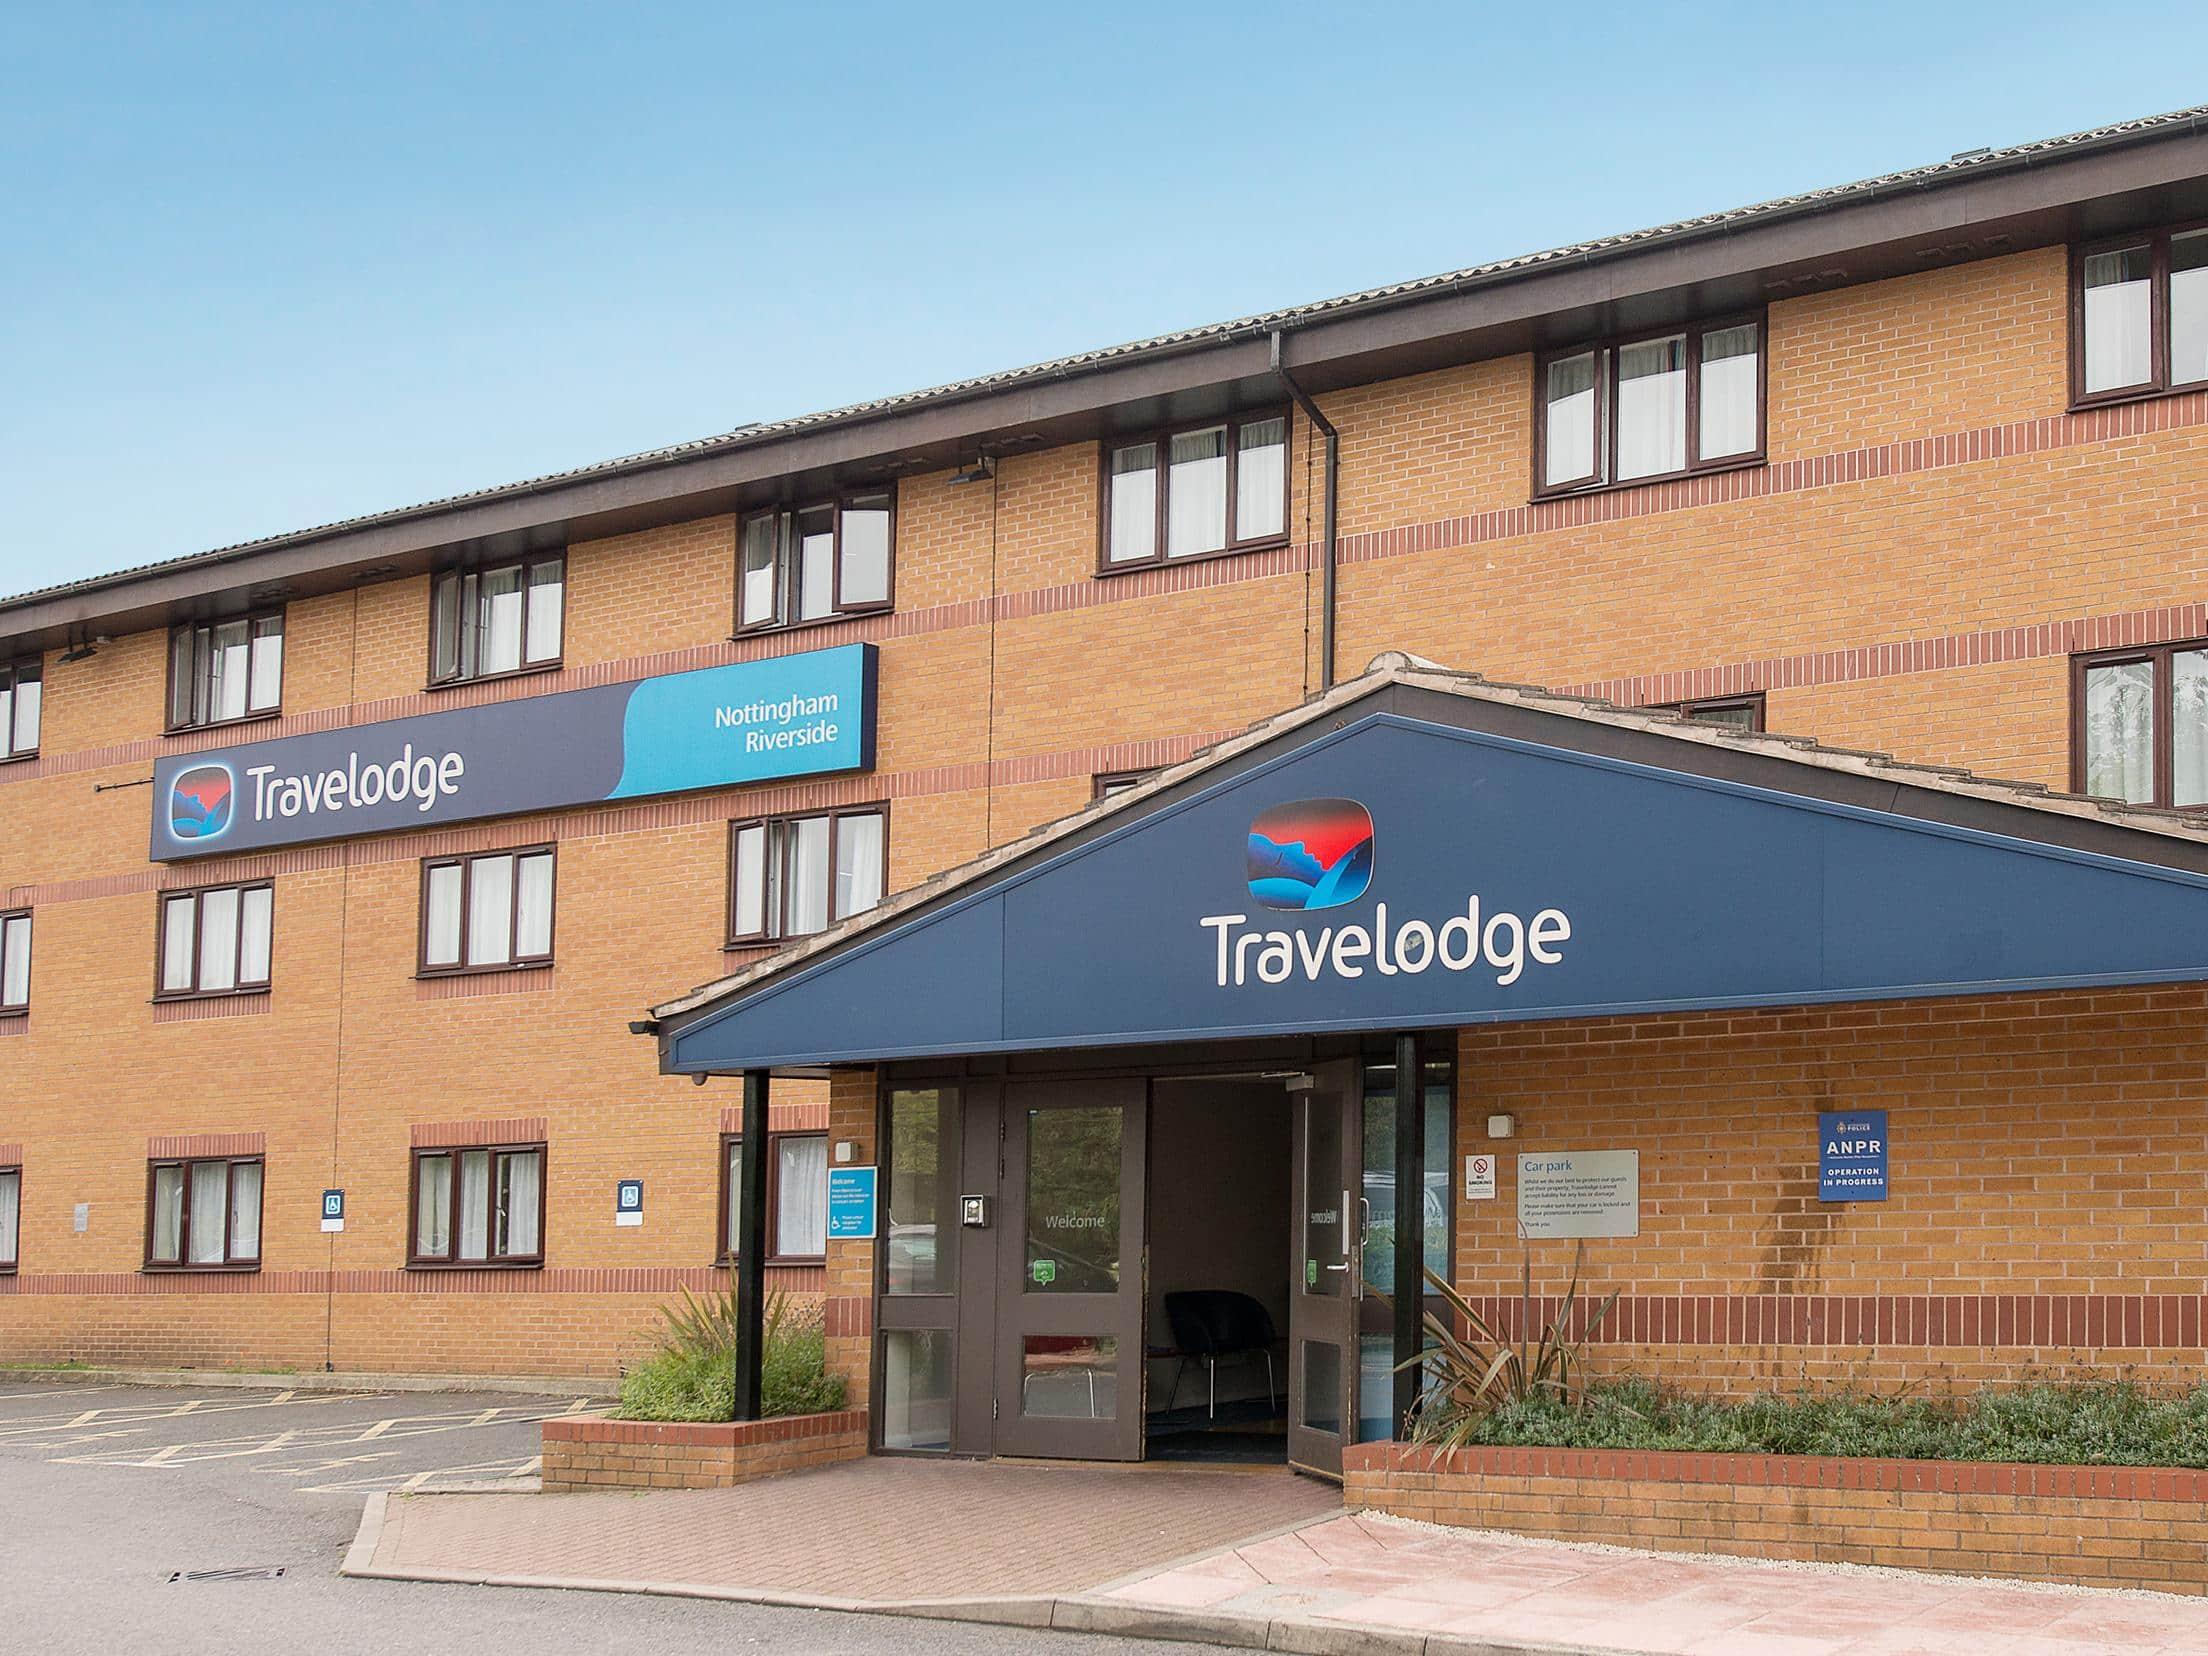 Nottingham Riverside - Exterior